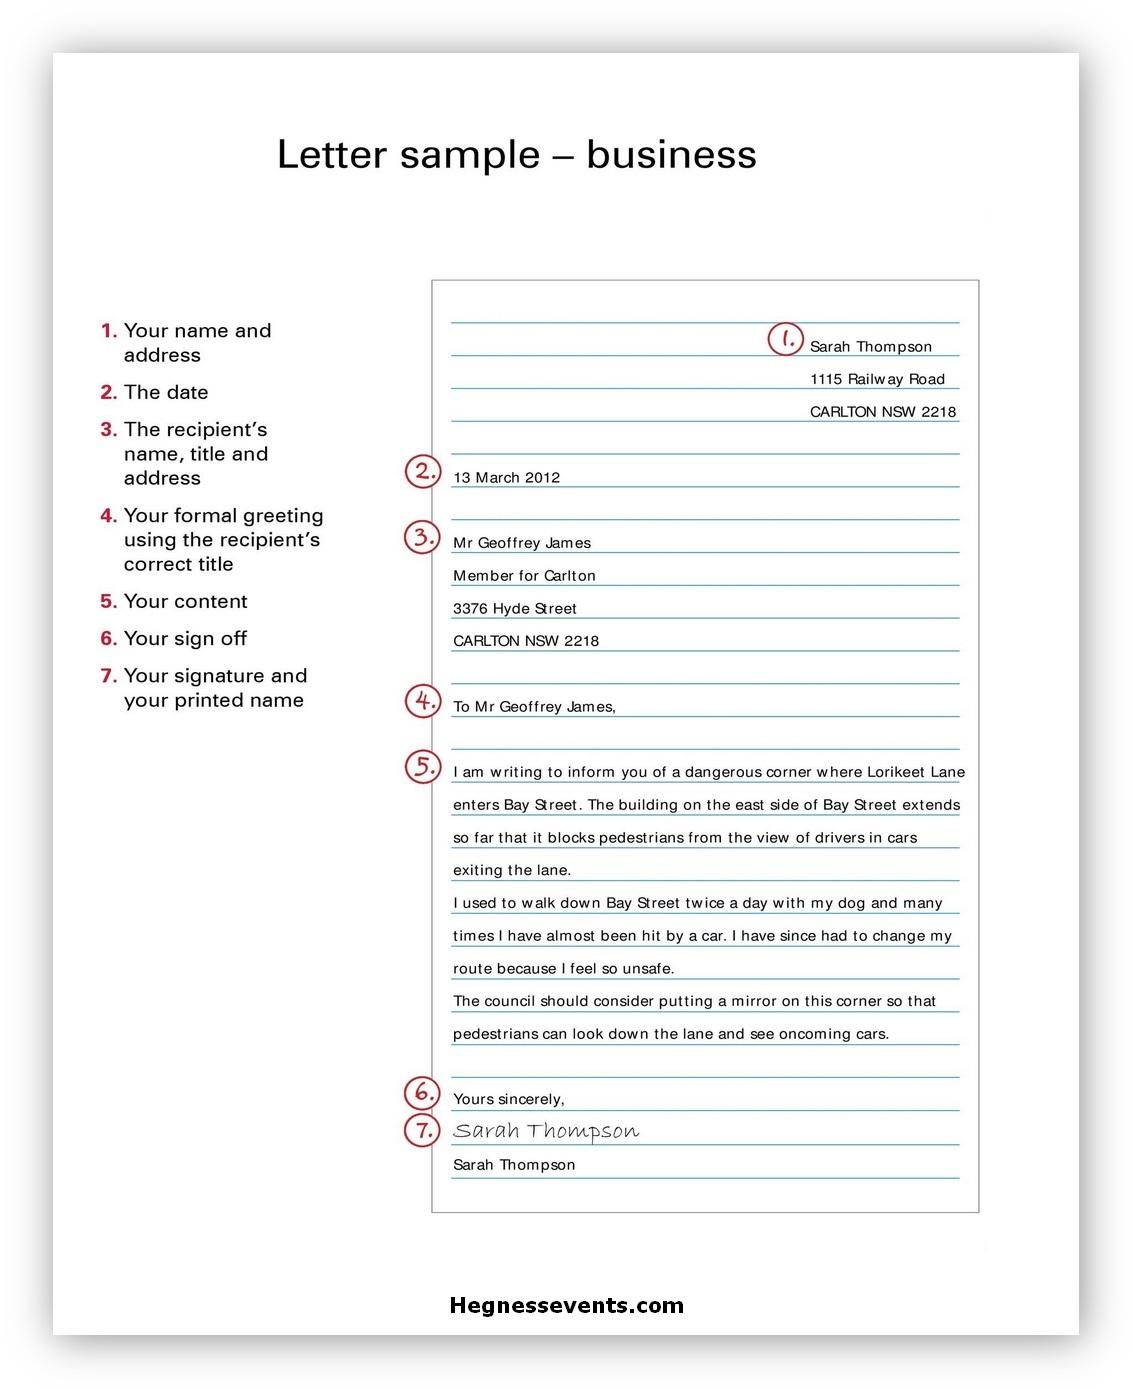 Sample Business Letter 02